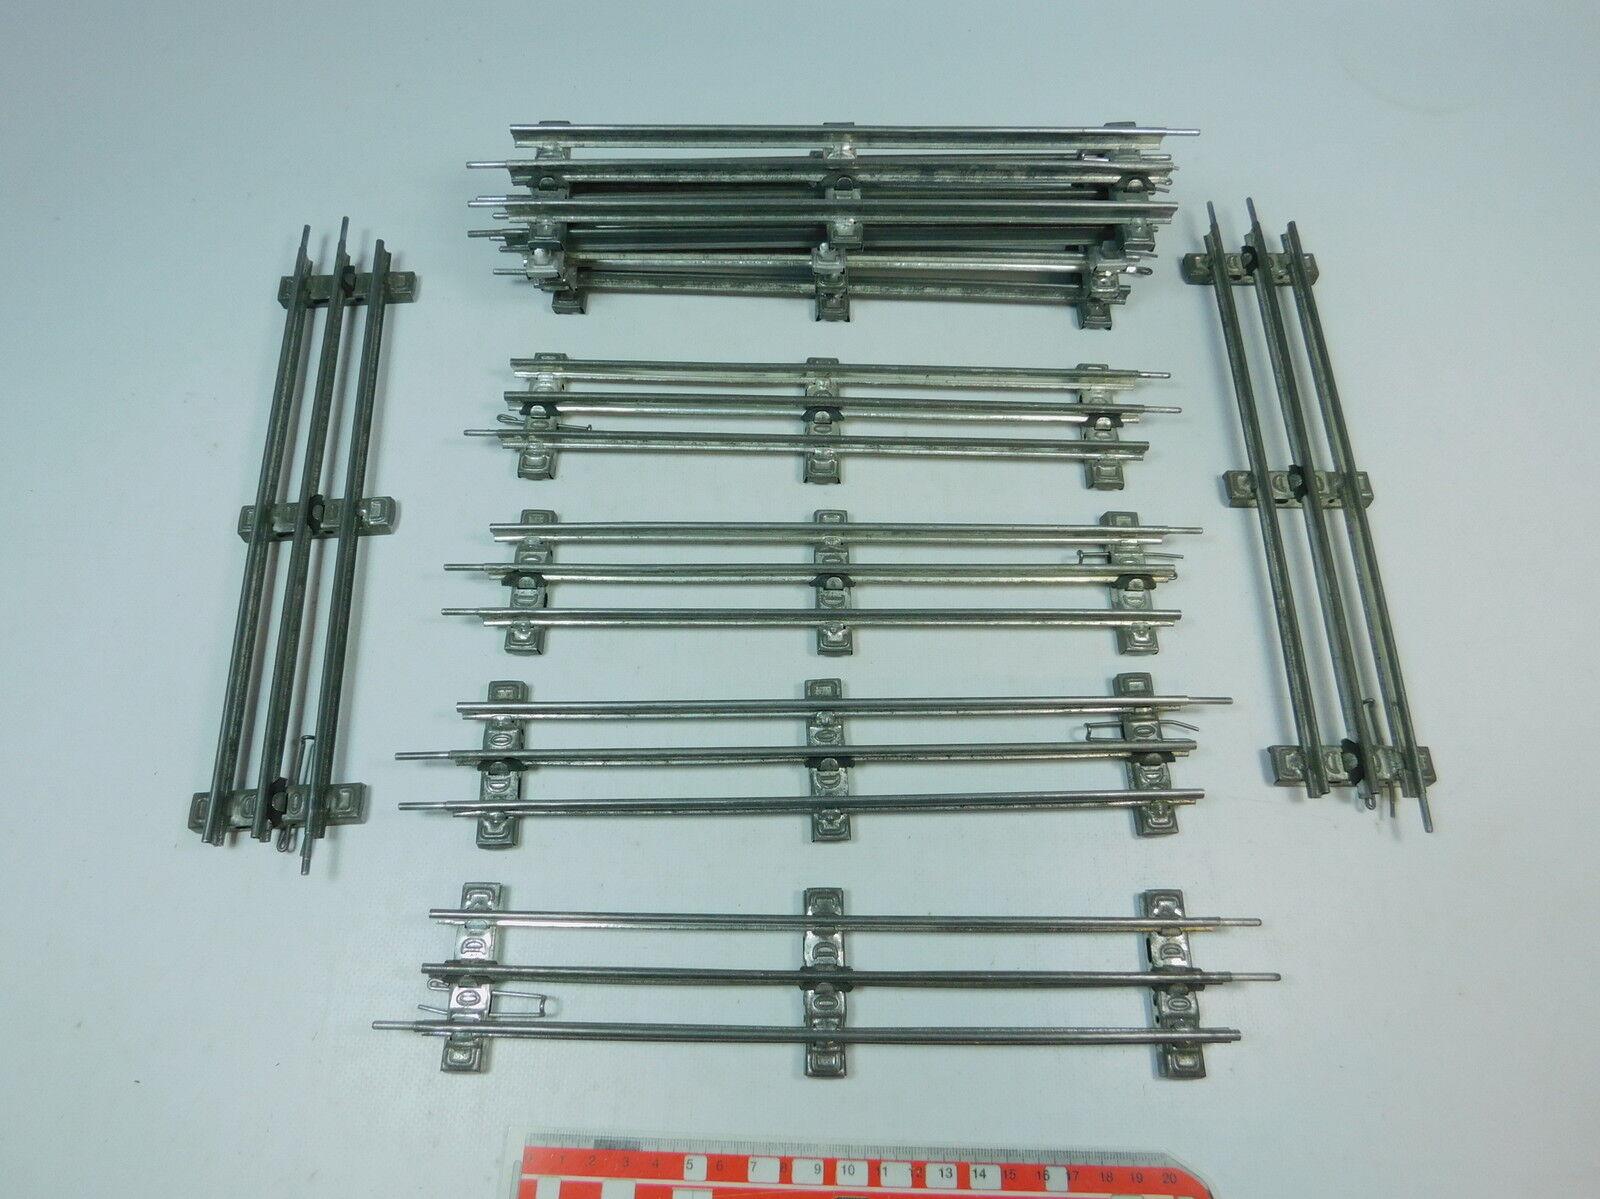 Av42-2    10x marklin Marklin Traccia 0 pezzo di binario (26 cm) per diverdeimentozionamento elettrico 542f6a